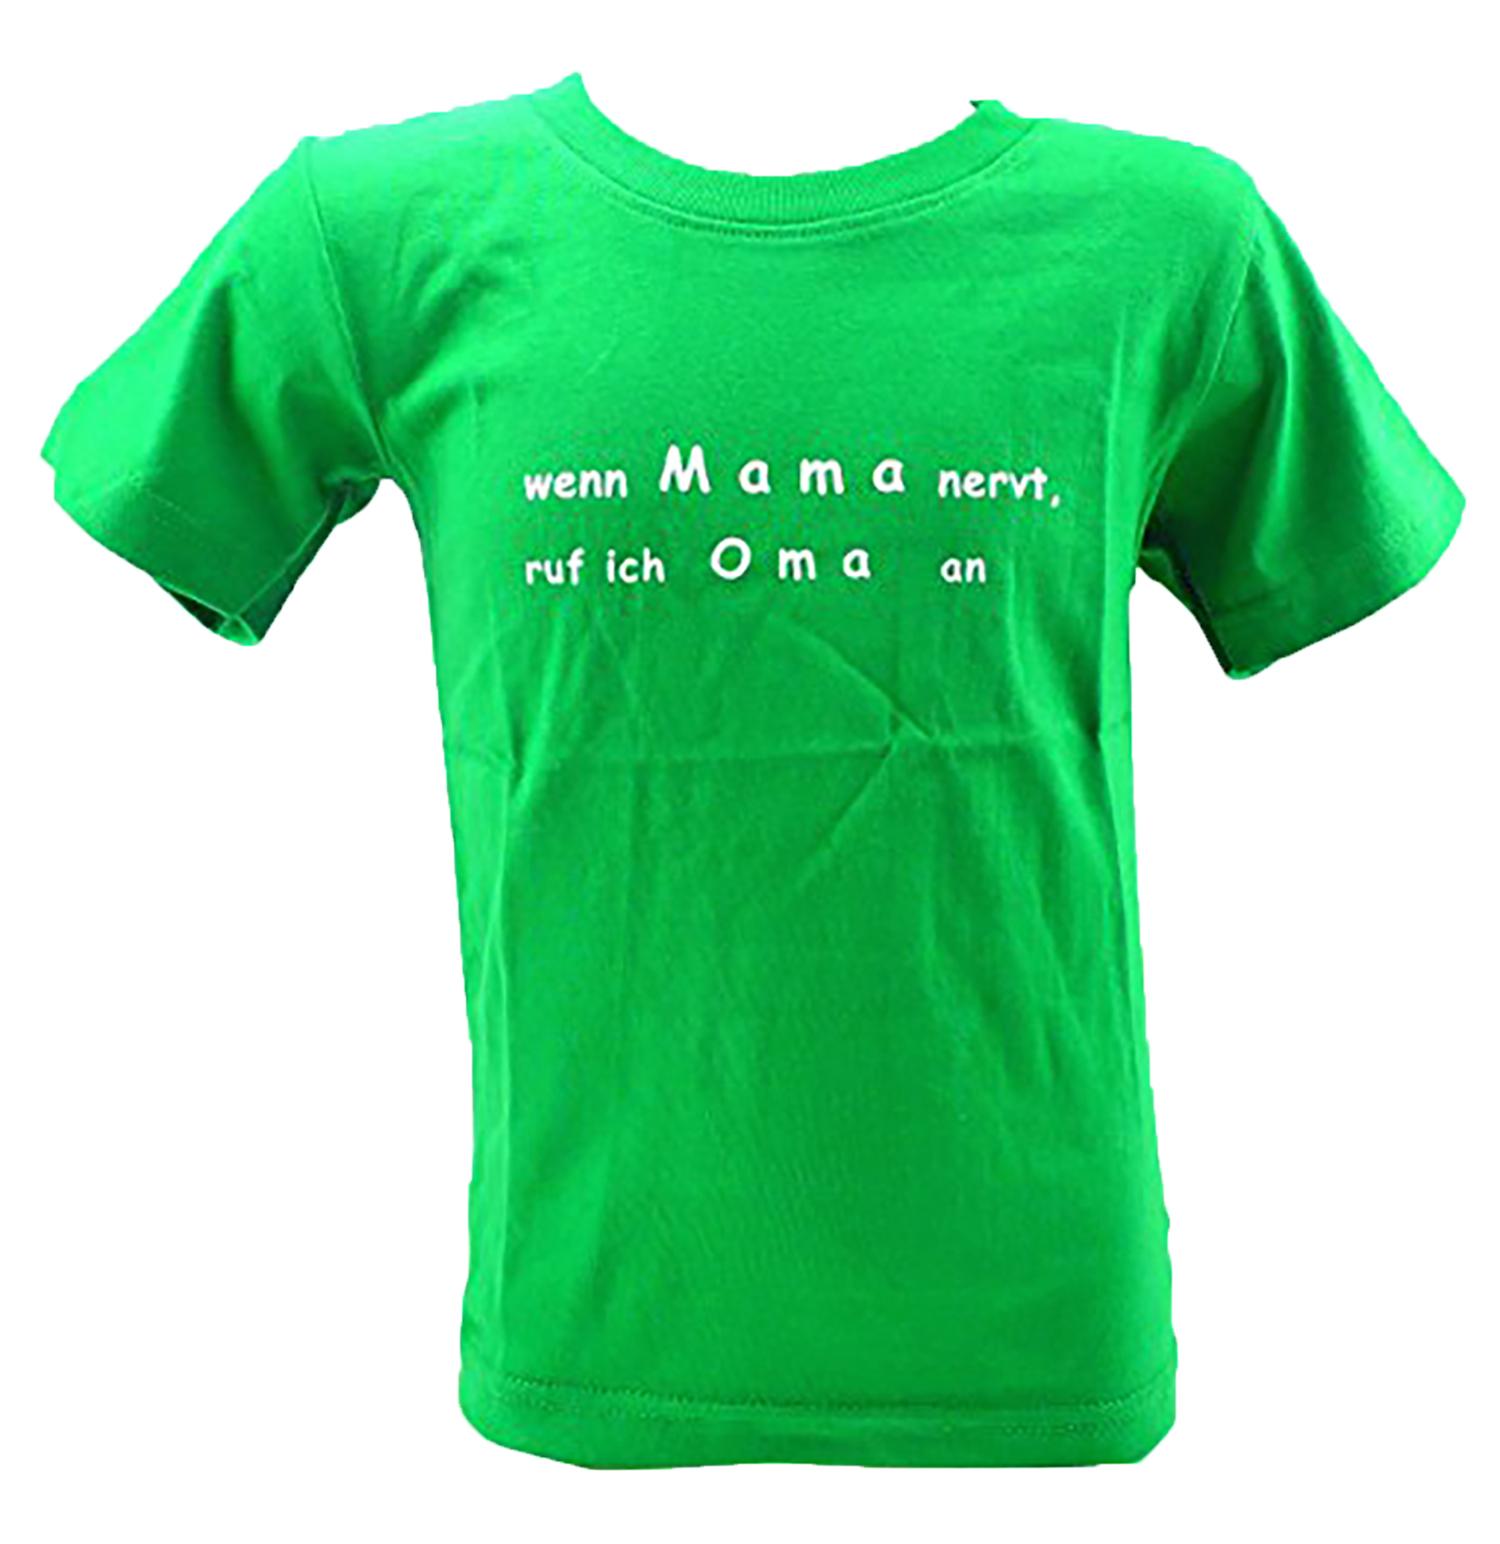 Full Size of Lustige Sprüche T Shirt Herren Feuerwehr Sprüche T Shirt Sprüche T Shirt Angeln Sprüche T Shirt 40 Geburtstag Küche Sprüche T Shirt